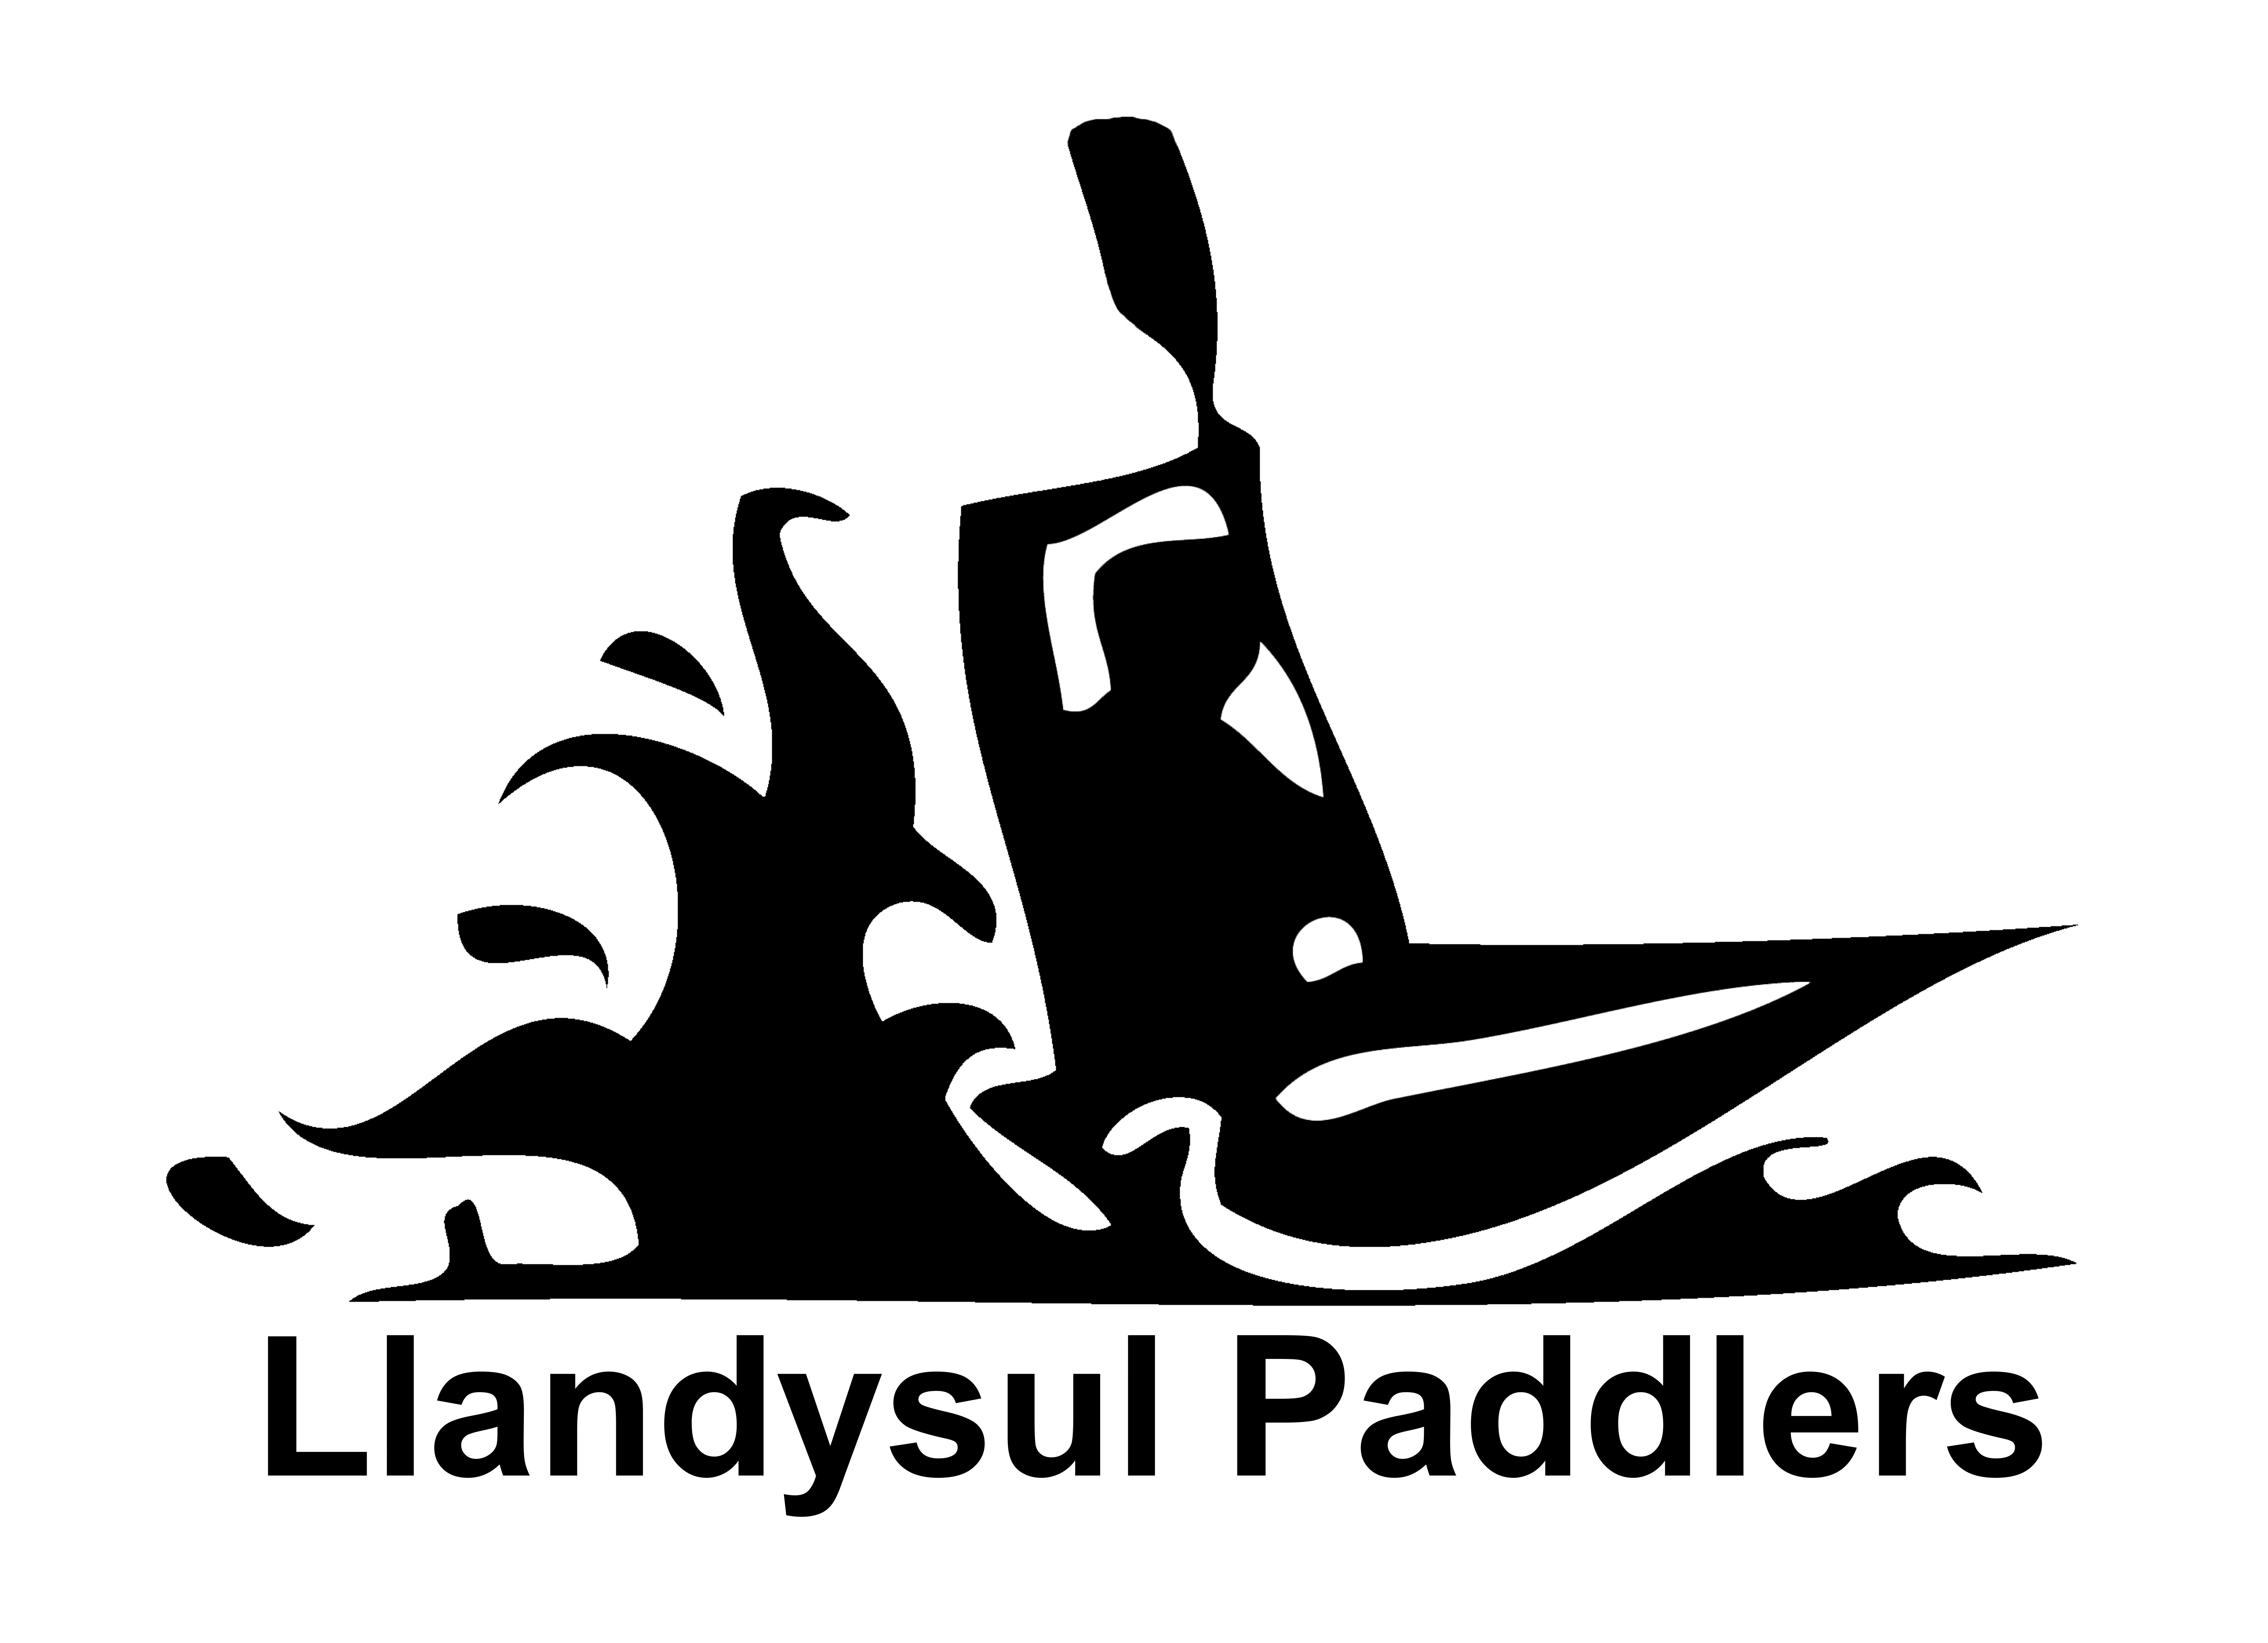 Llandysul Paddlers